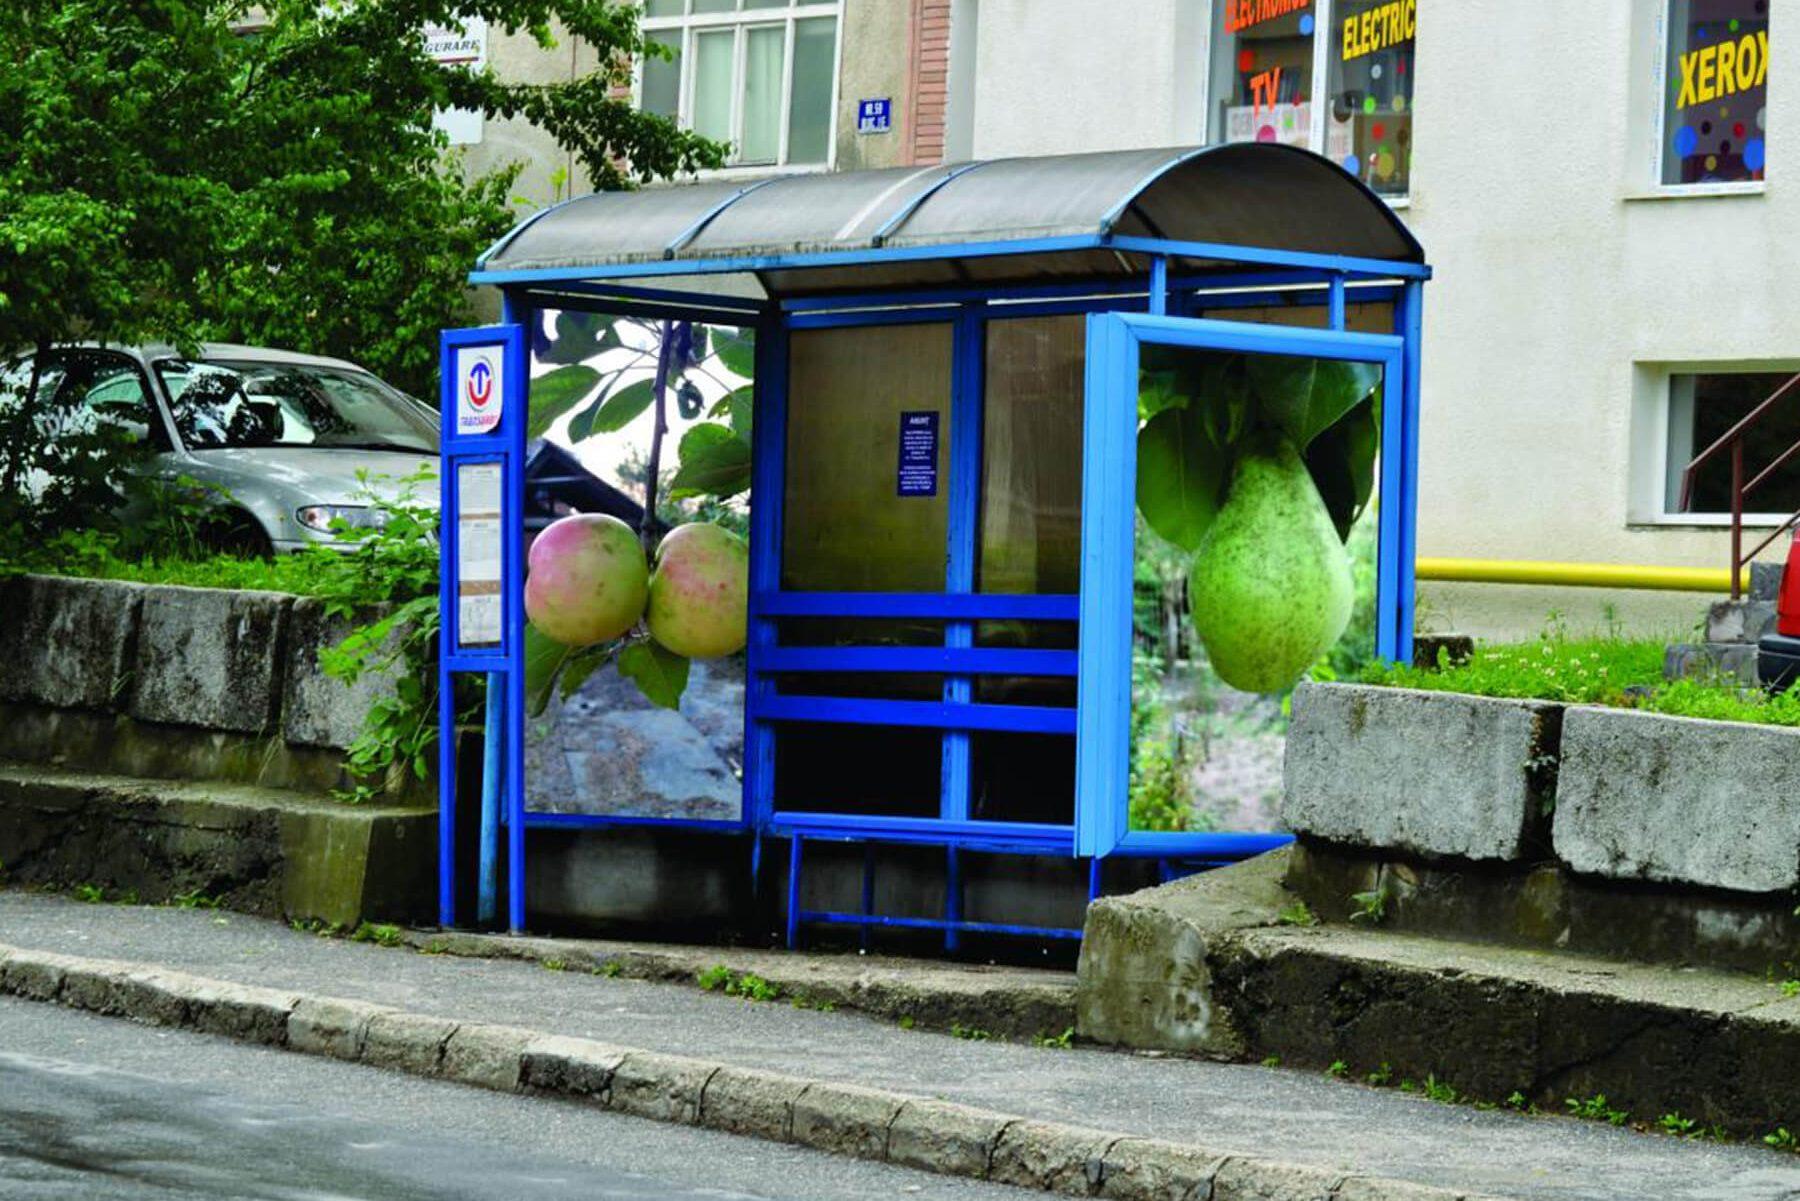 Stație de autobuz decorată cu material publicitar